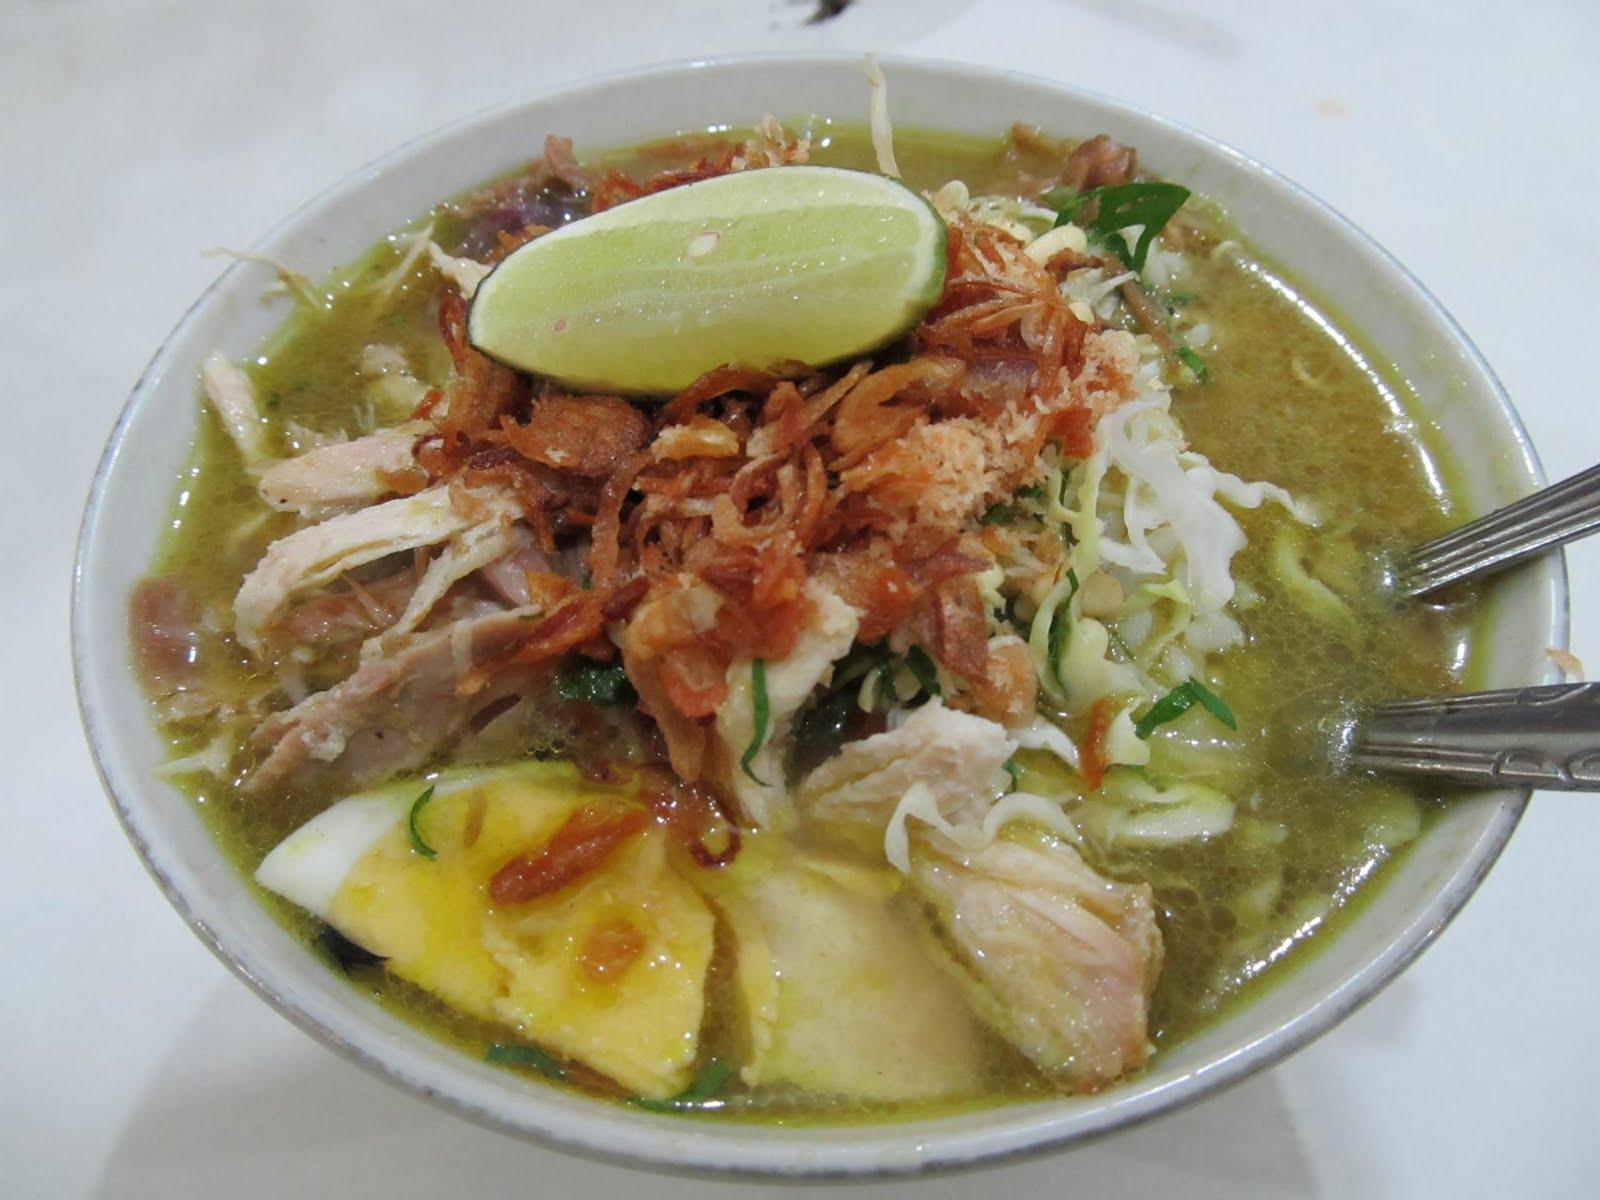 resep soto ayam khas blitar   resep masakan kue minuman